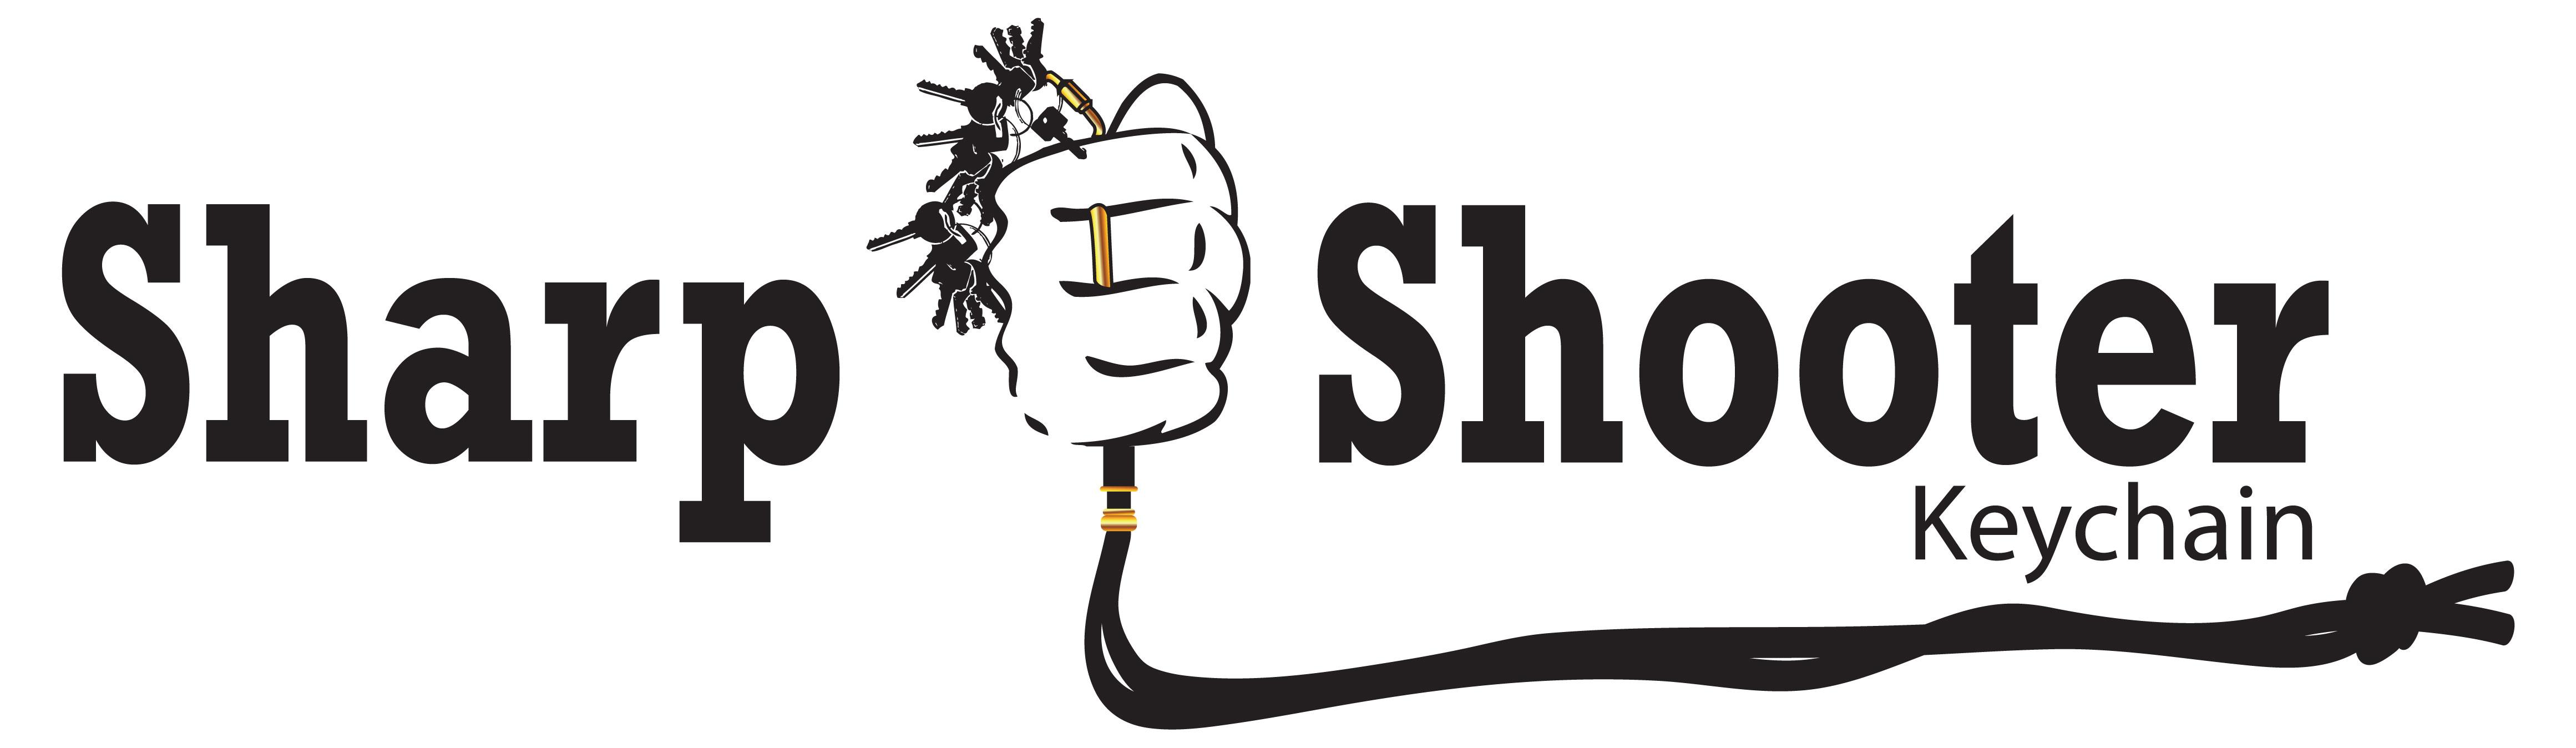 sharpshooterkeychain.com/